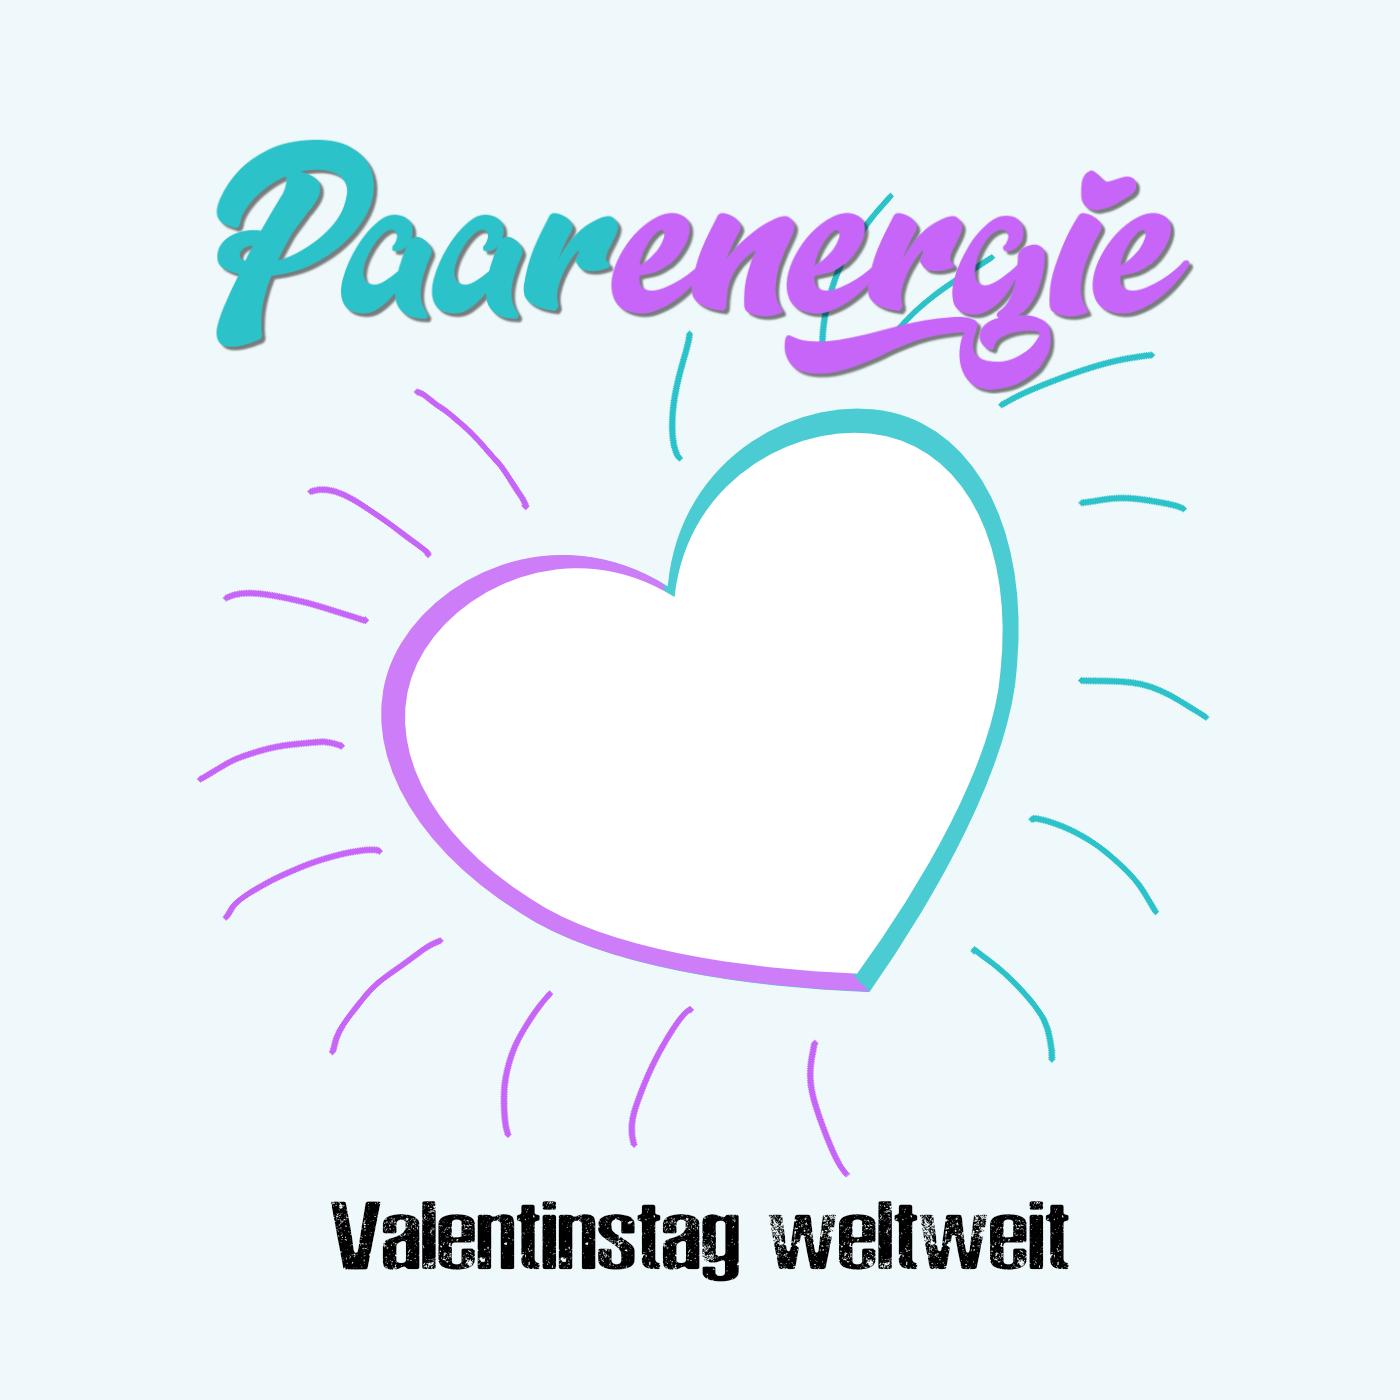 Valentinstag weltweit